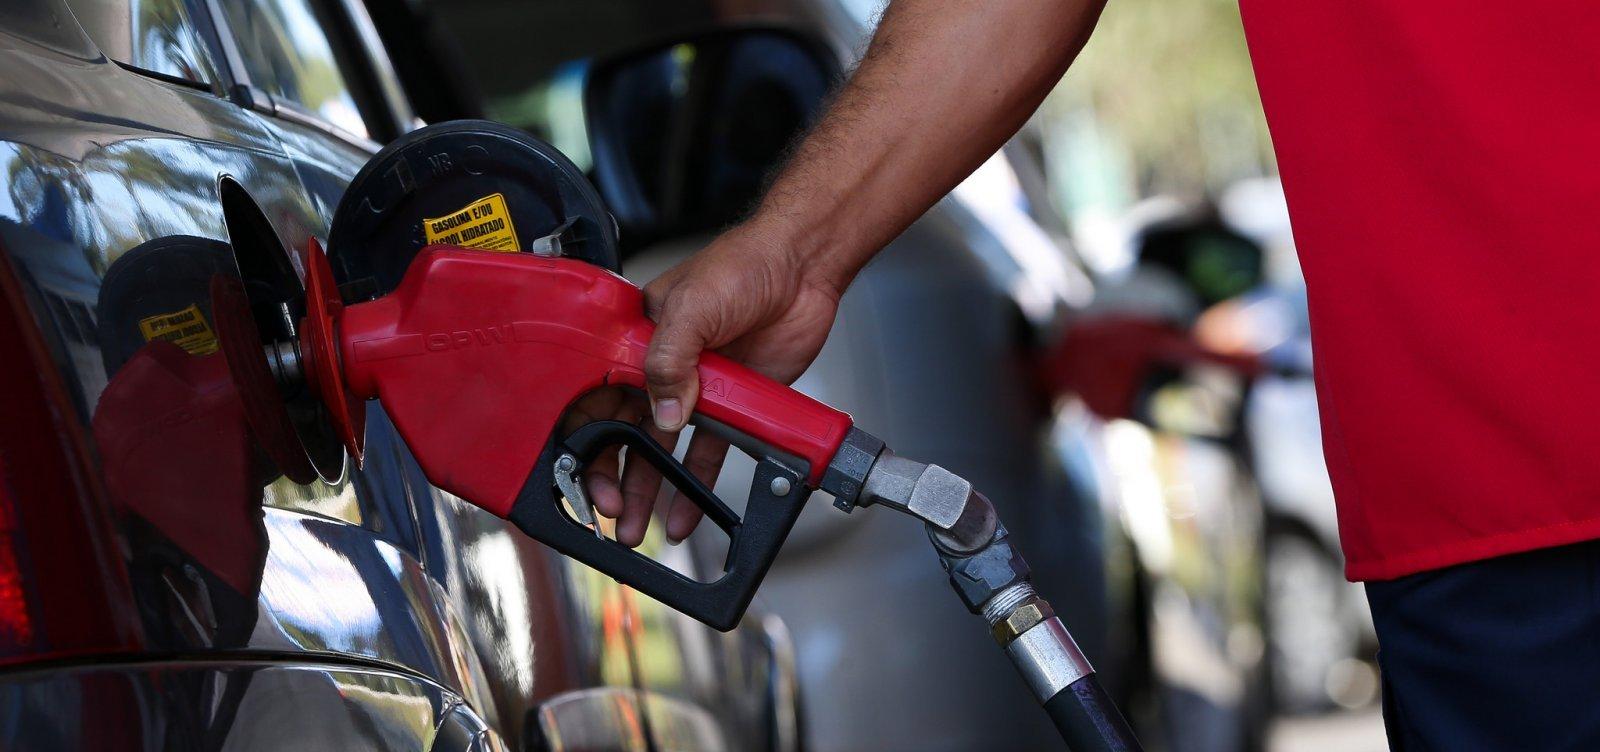 [Petrobras reduz preço do diesel em 4% e da gasolina em 5% a partir desta terça]